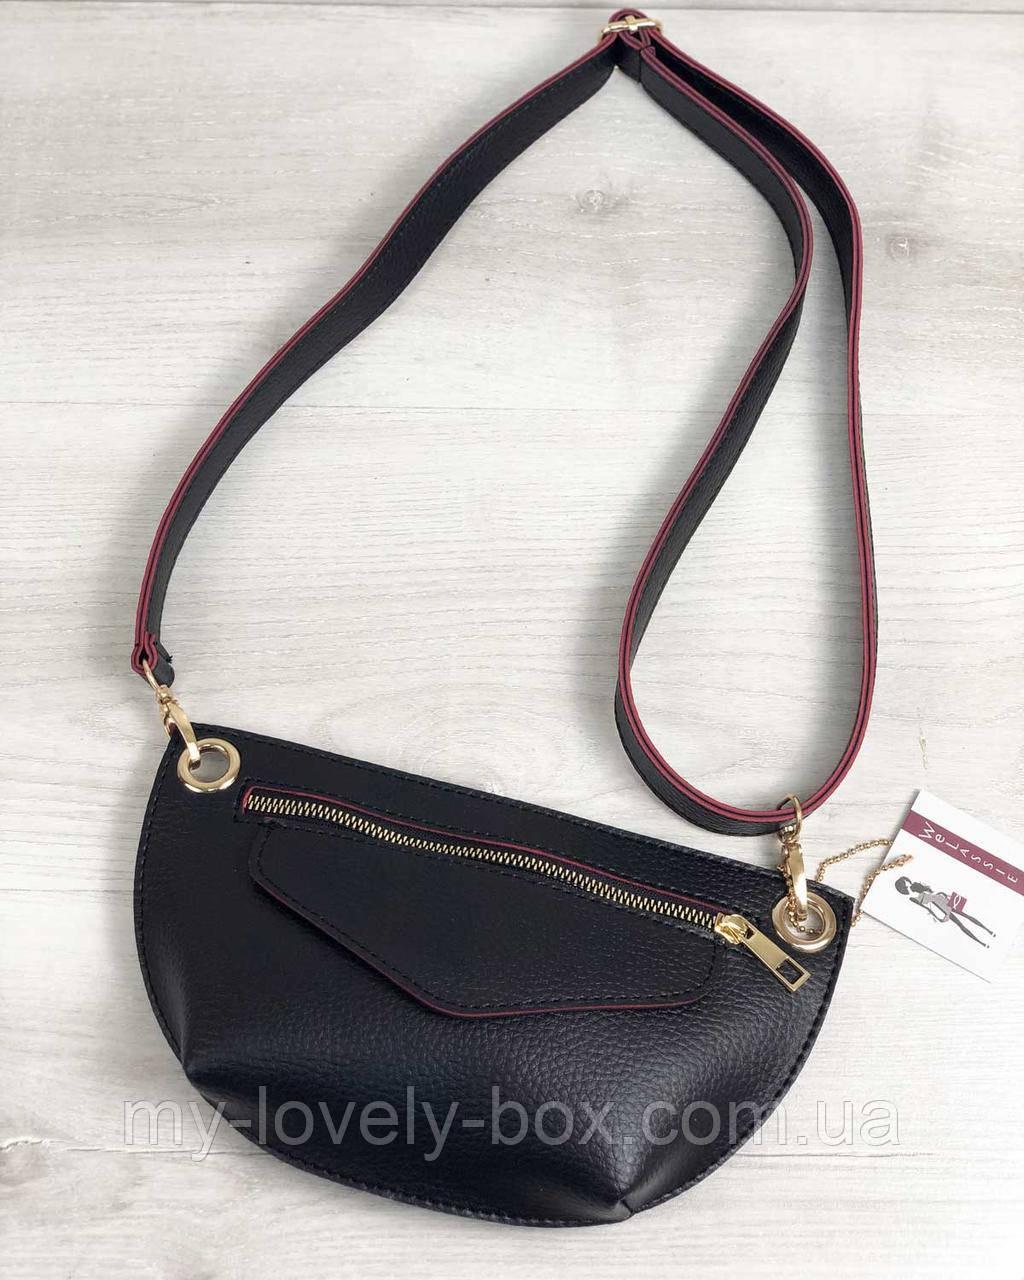 Жіноча сумка сумка на пояс - клатч Нана чорного кольору з червоним